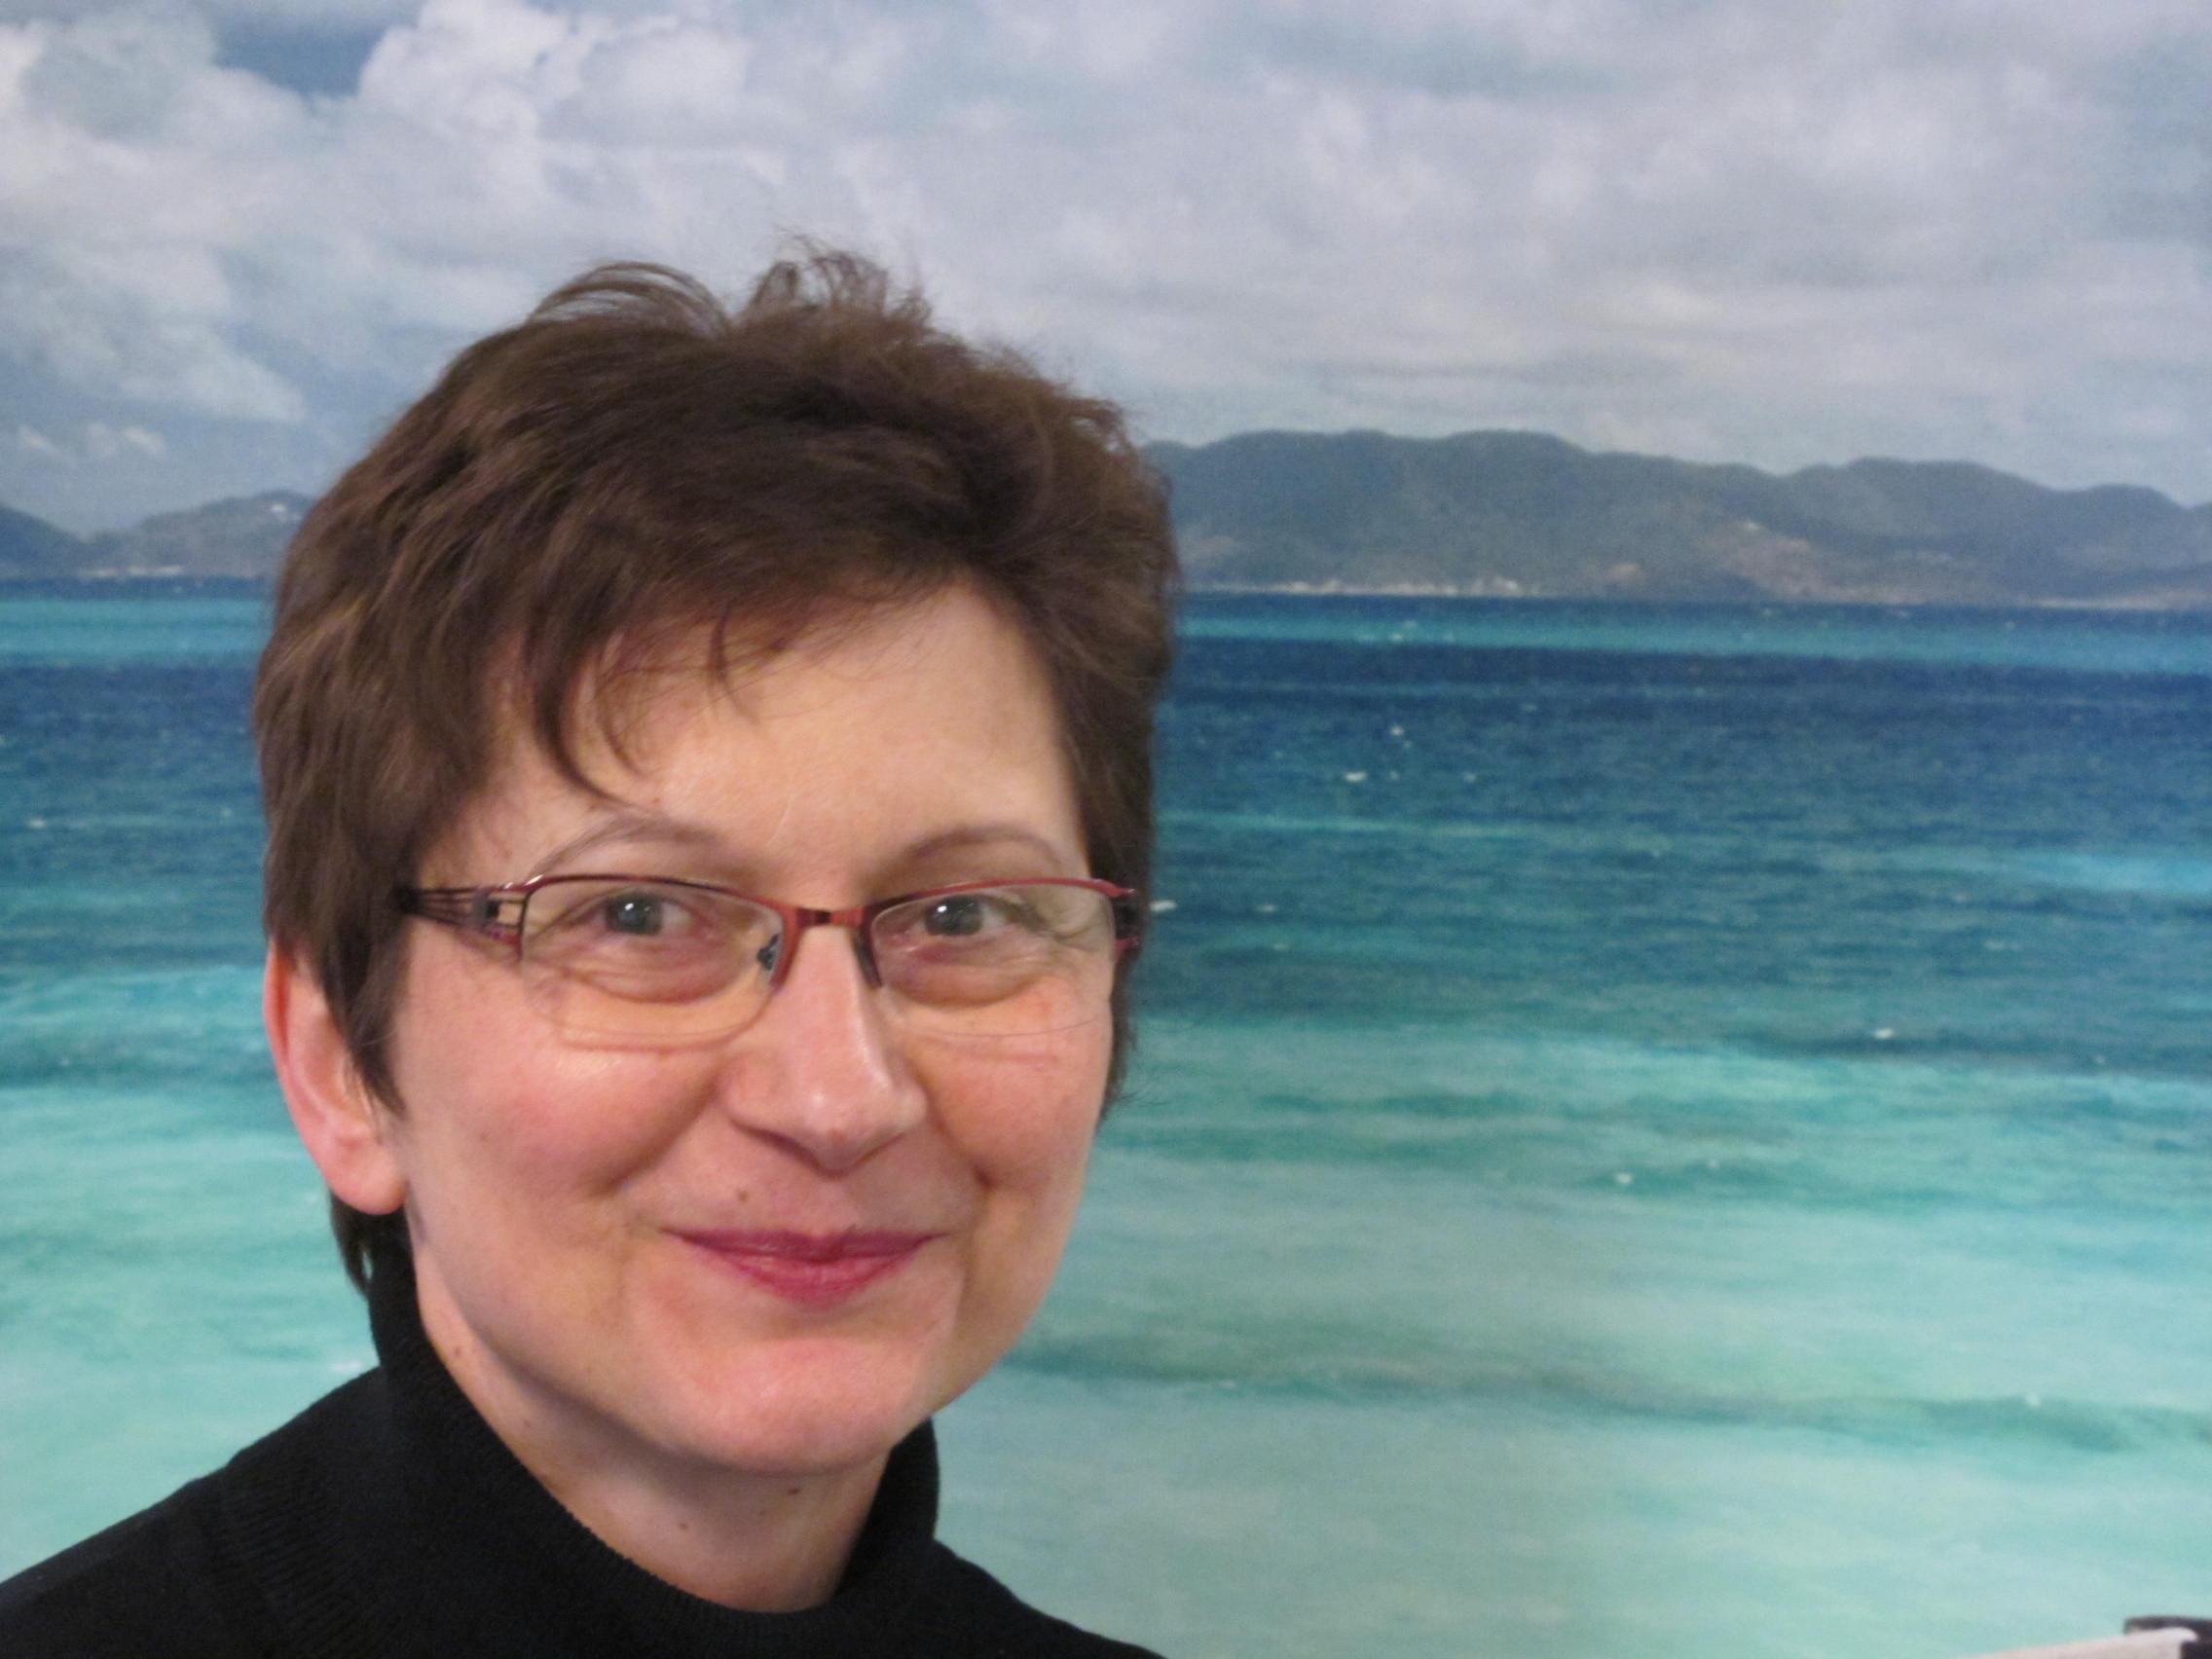 Sieglinde Szymanowski